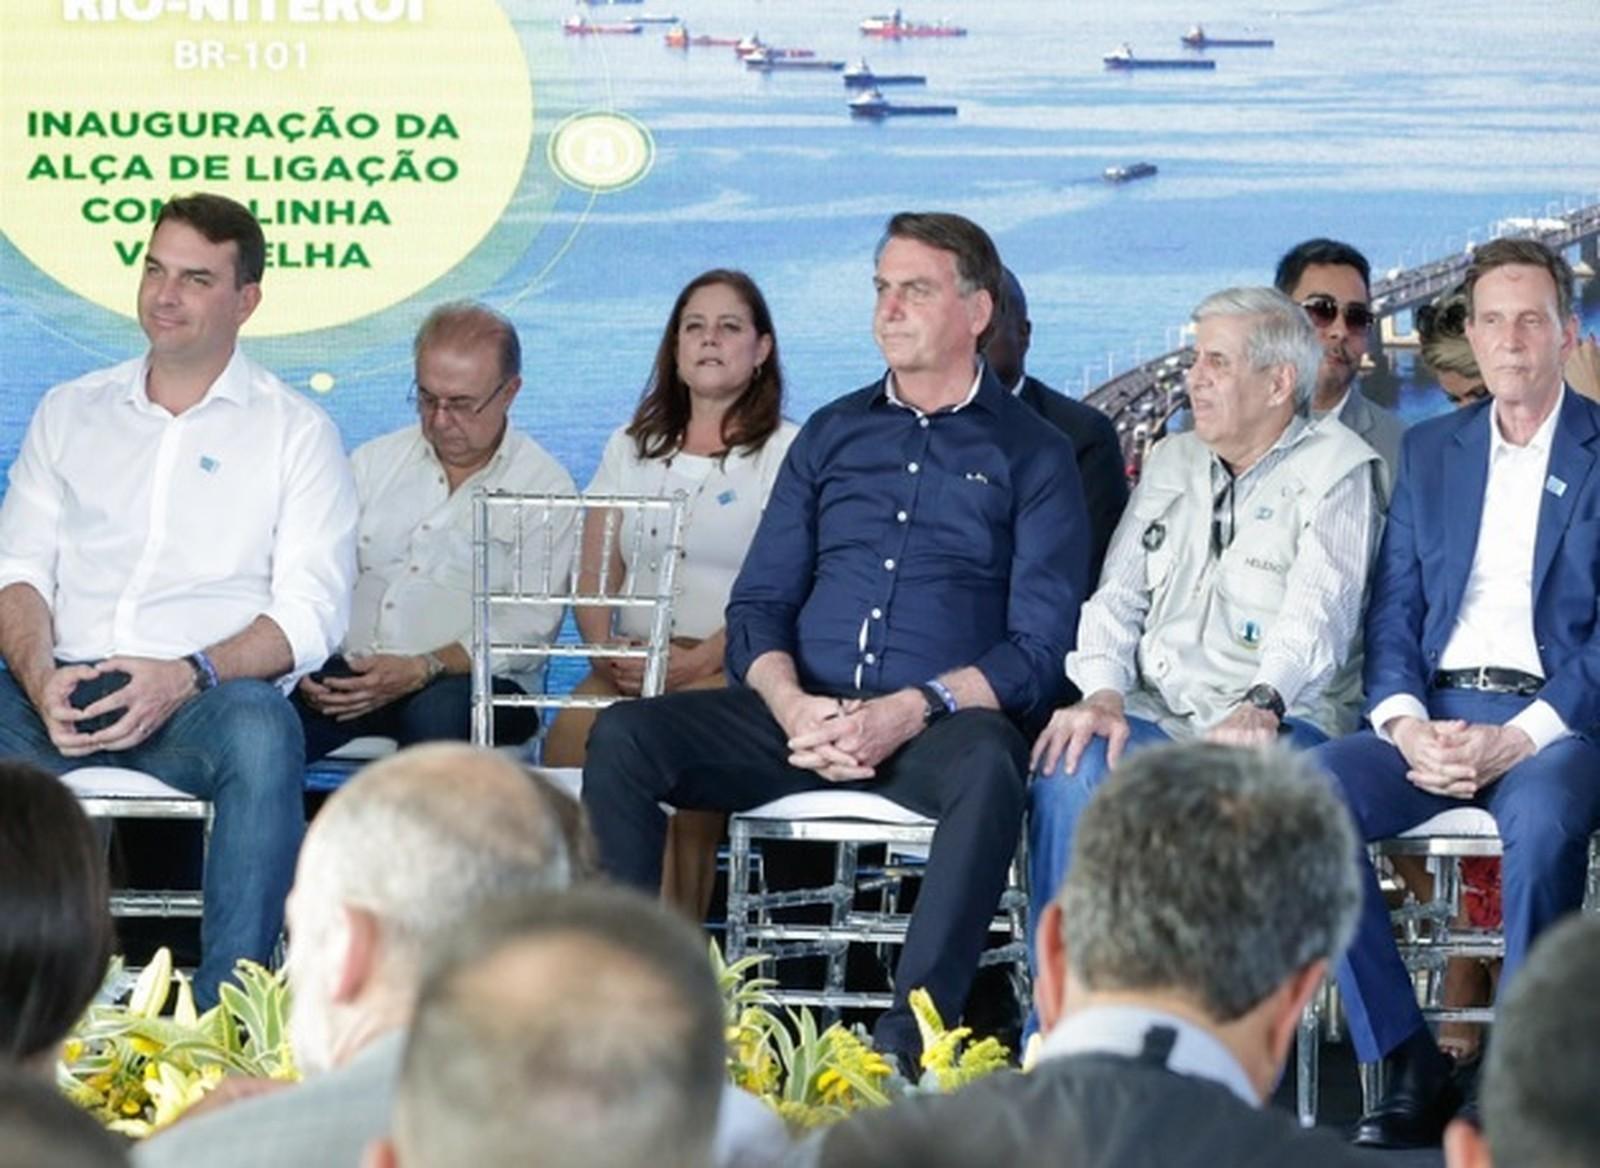 MPF e CNJ pedem ao TRF-2 que apure participação de Bretas em eventos no Rio com Bolsonaro e Crivella